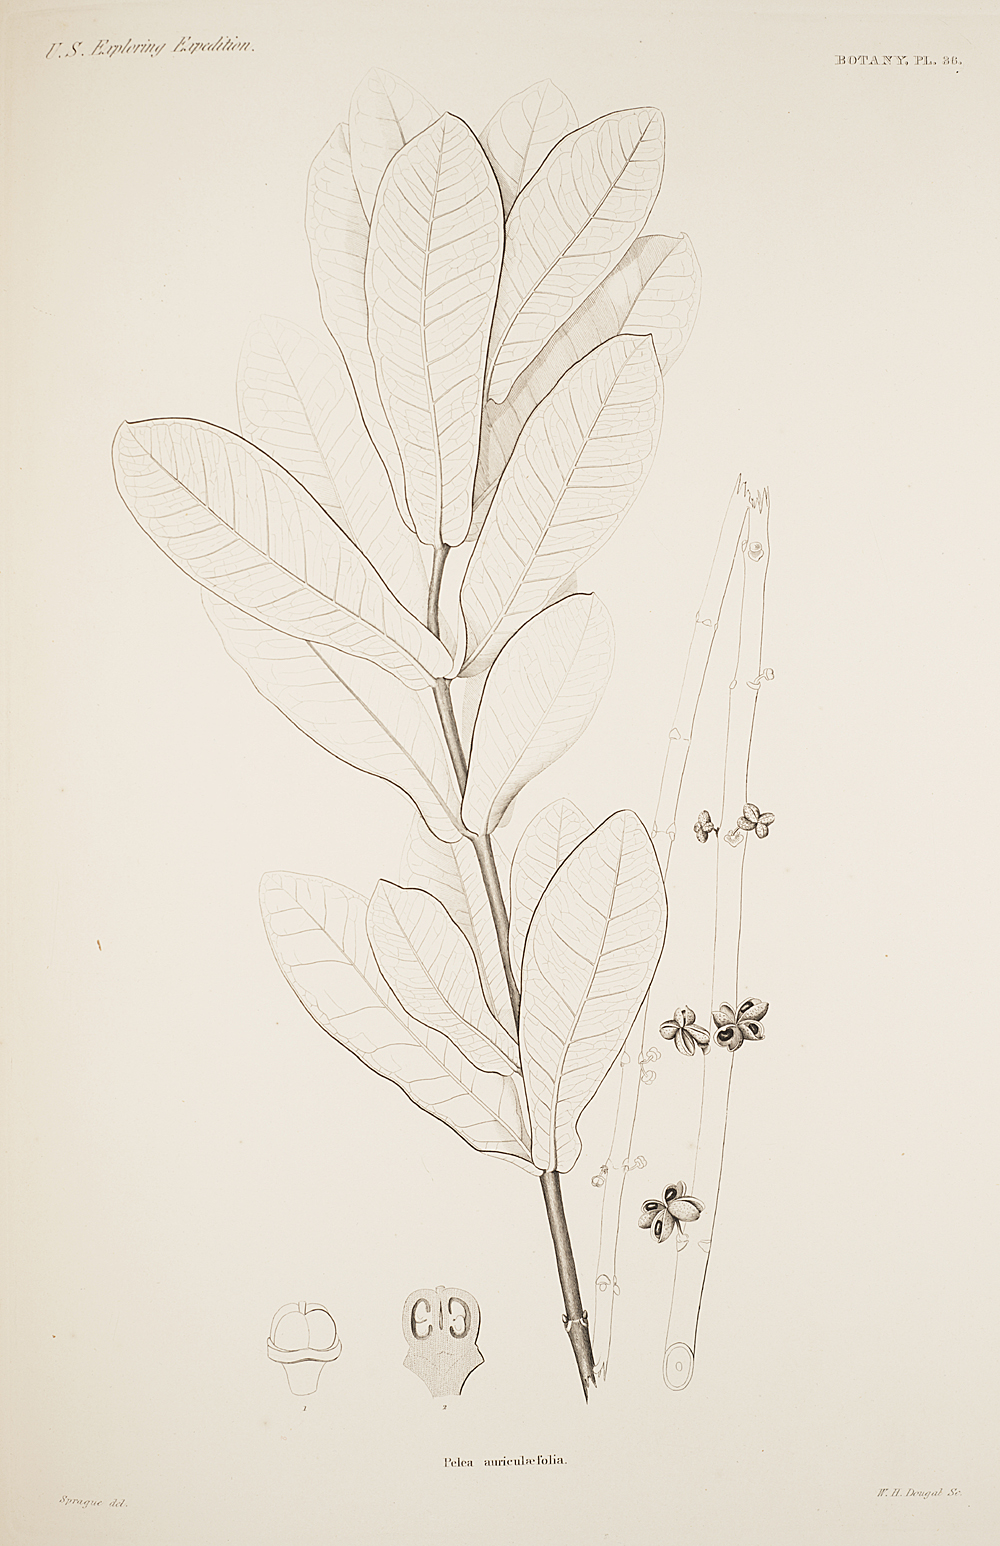 Botany, Pl. 36,  Image number:sil19-23-083b